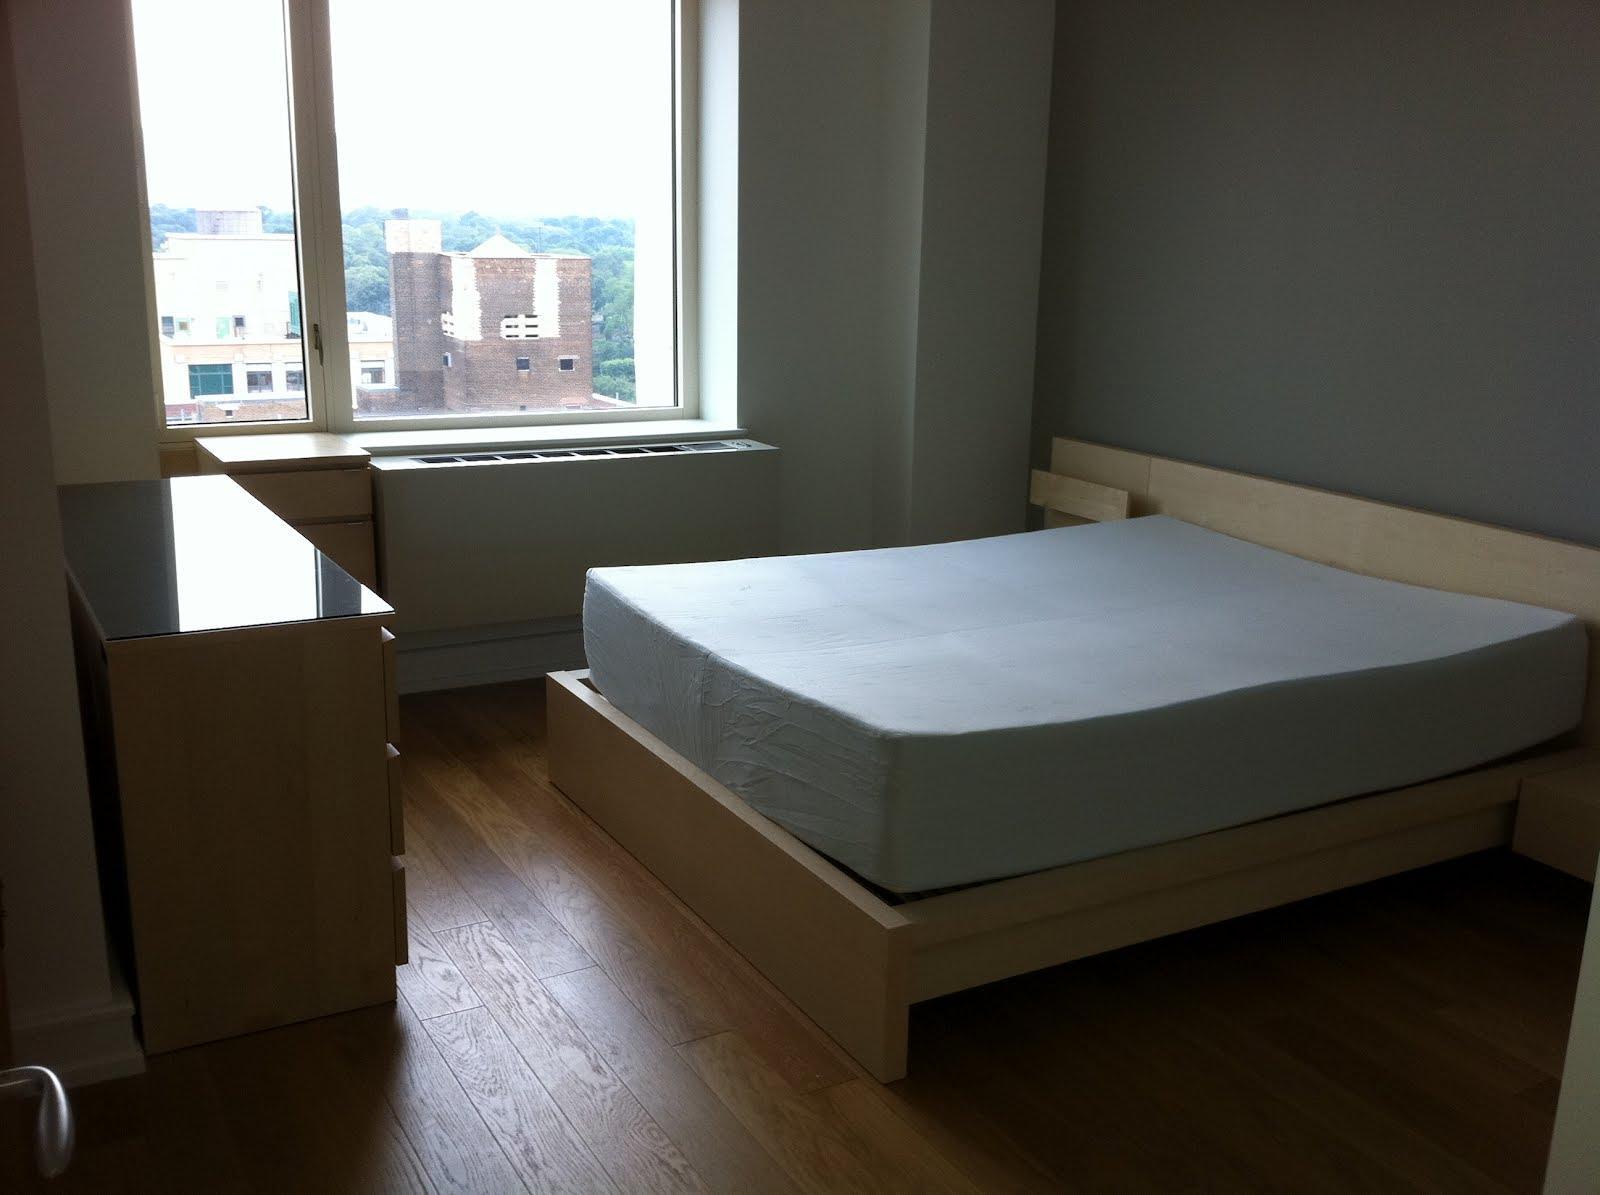 funvit | silber wohnzimmer amerika, Hause deko